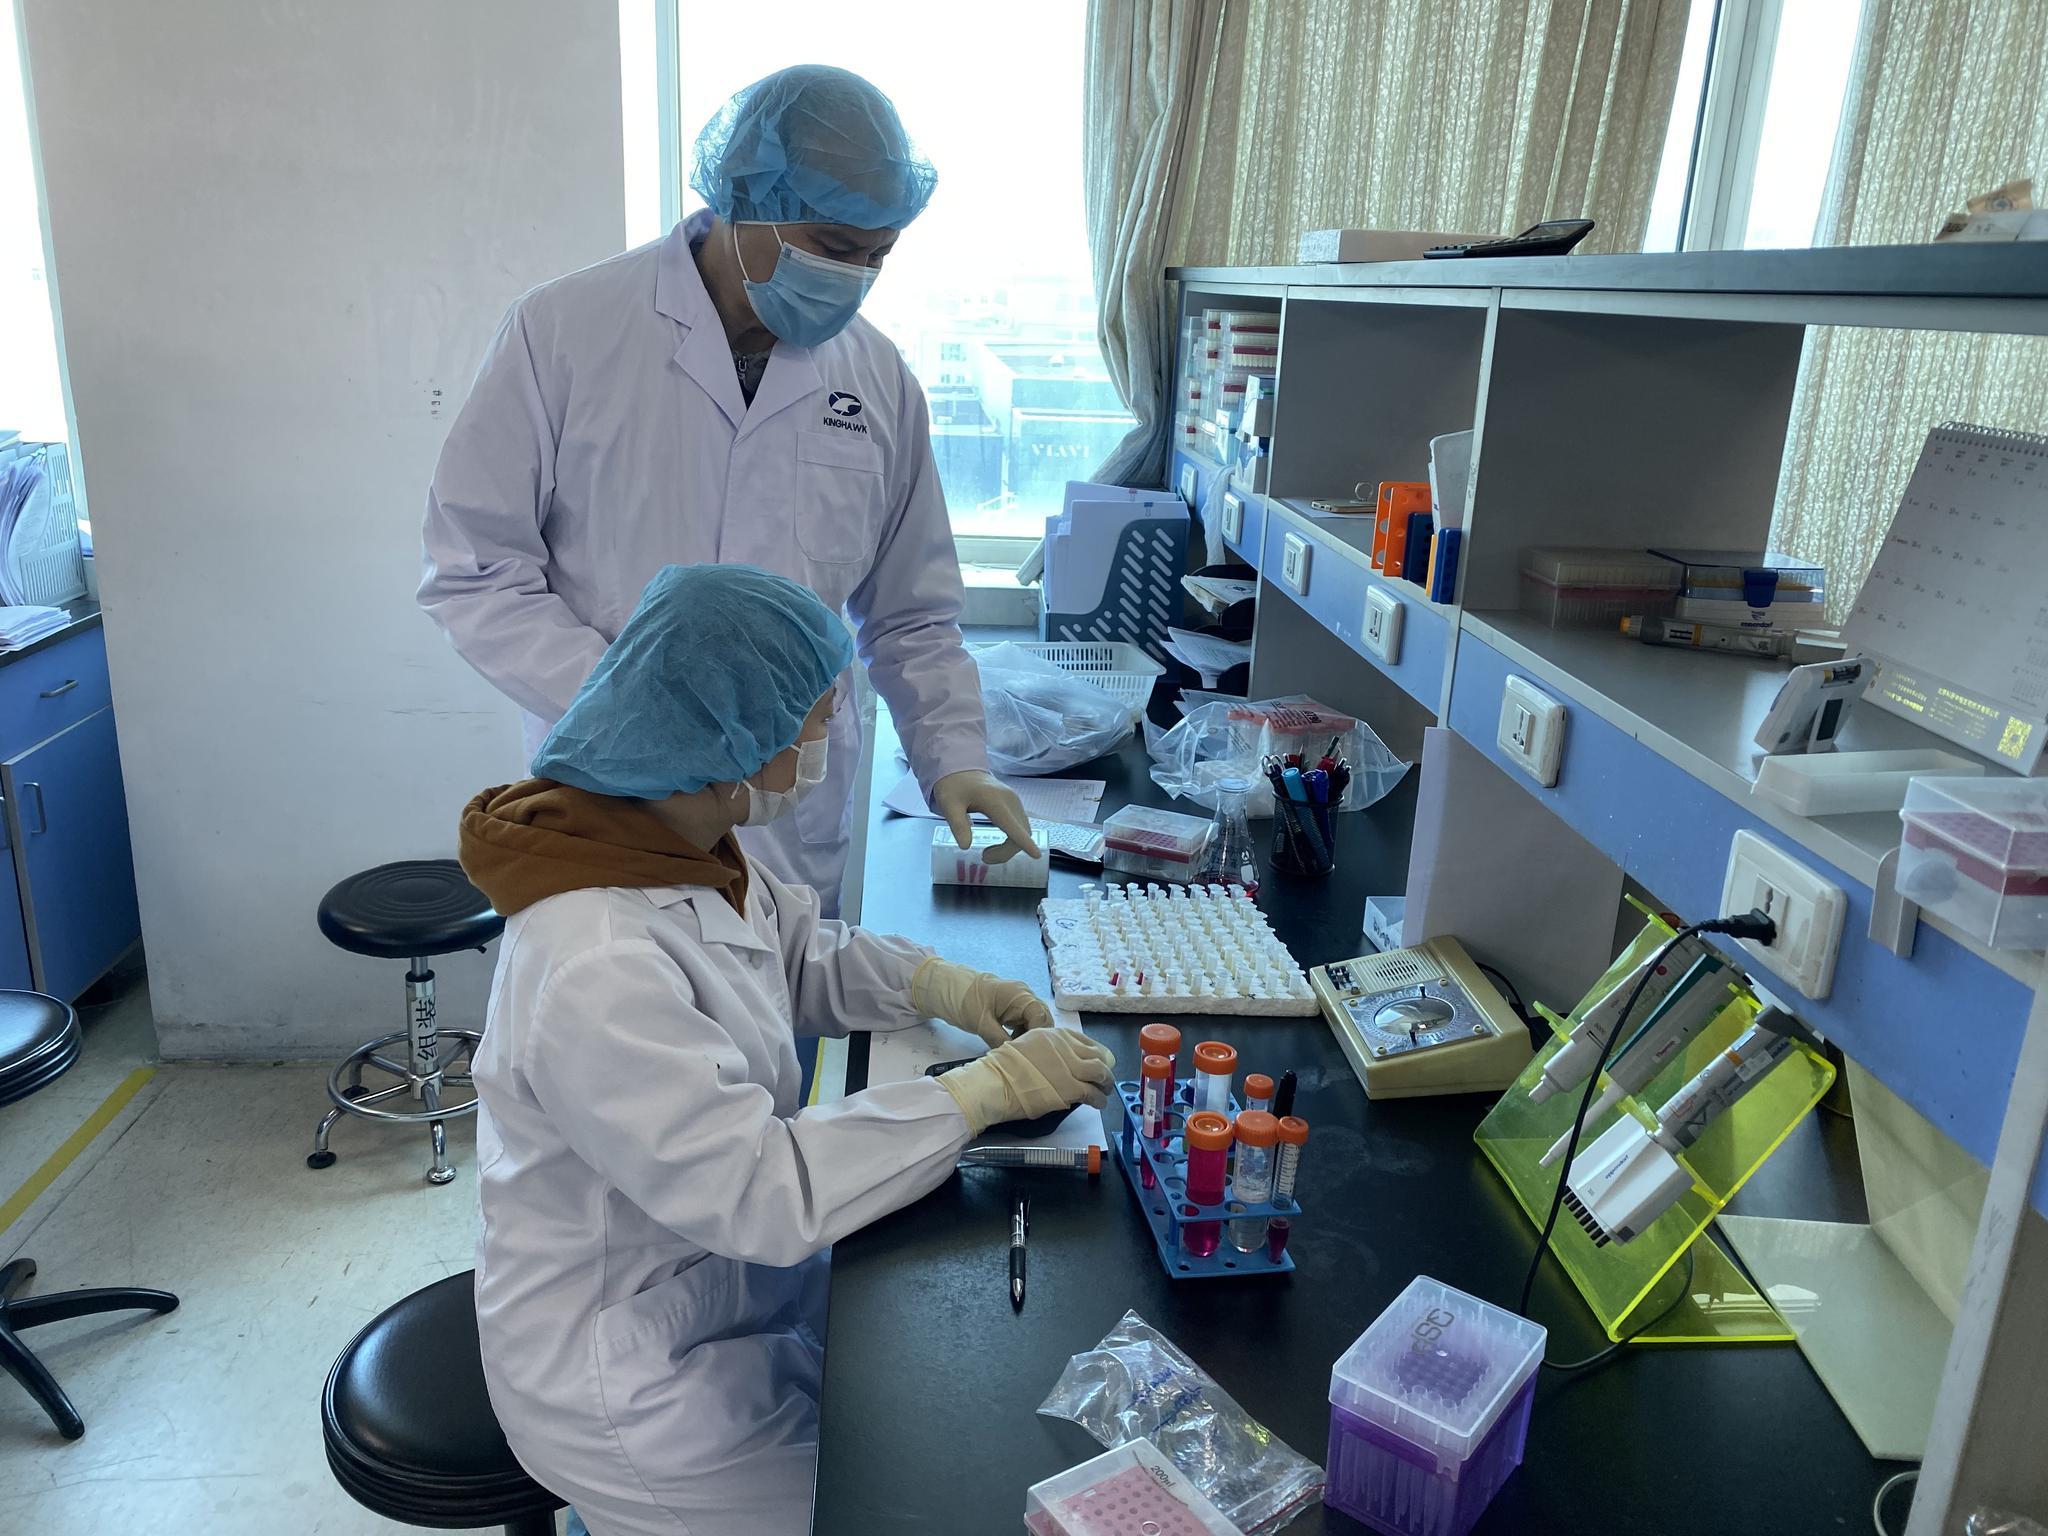 市政协委员与病毒赛跑 除夕召员工回京生产试剂盒图片